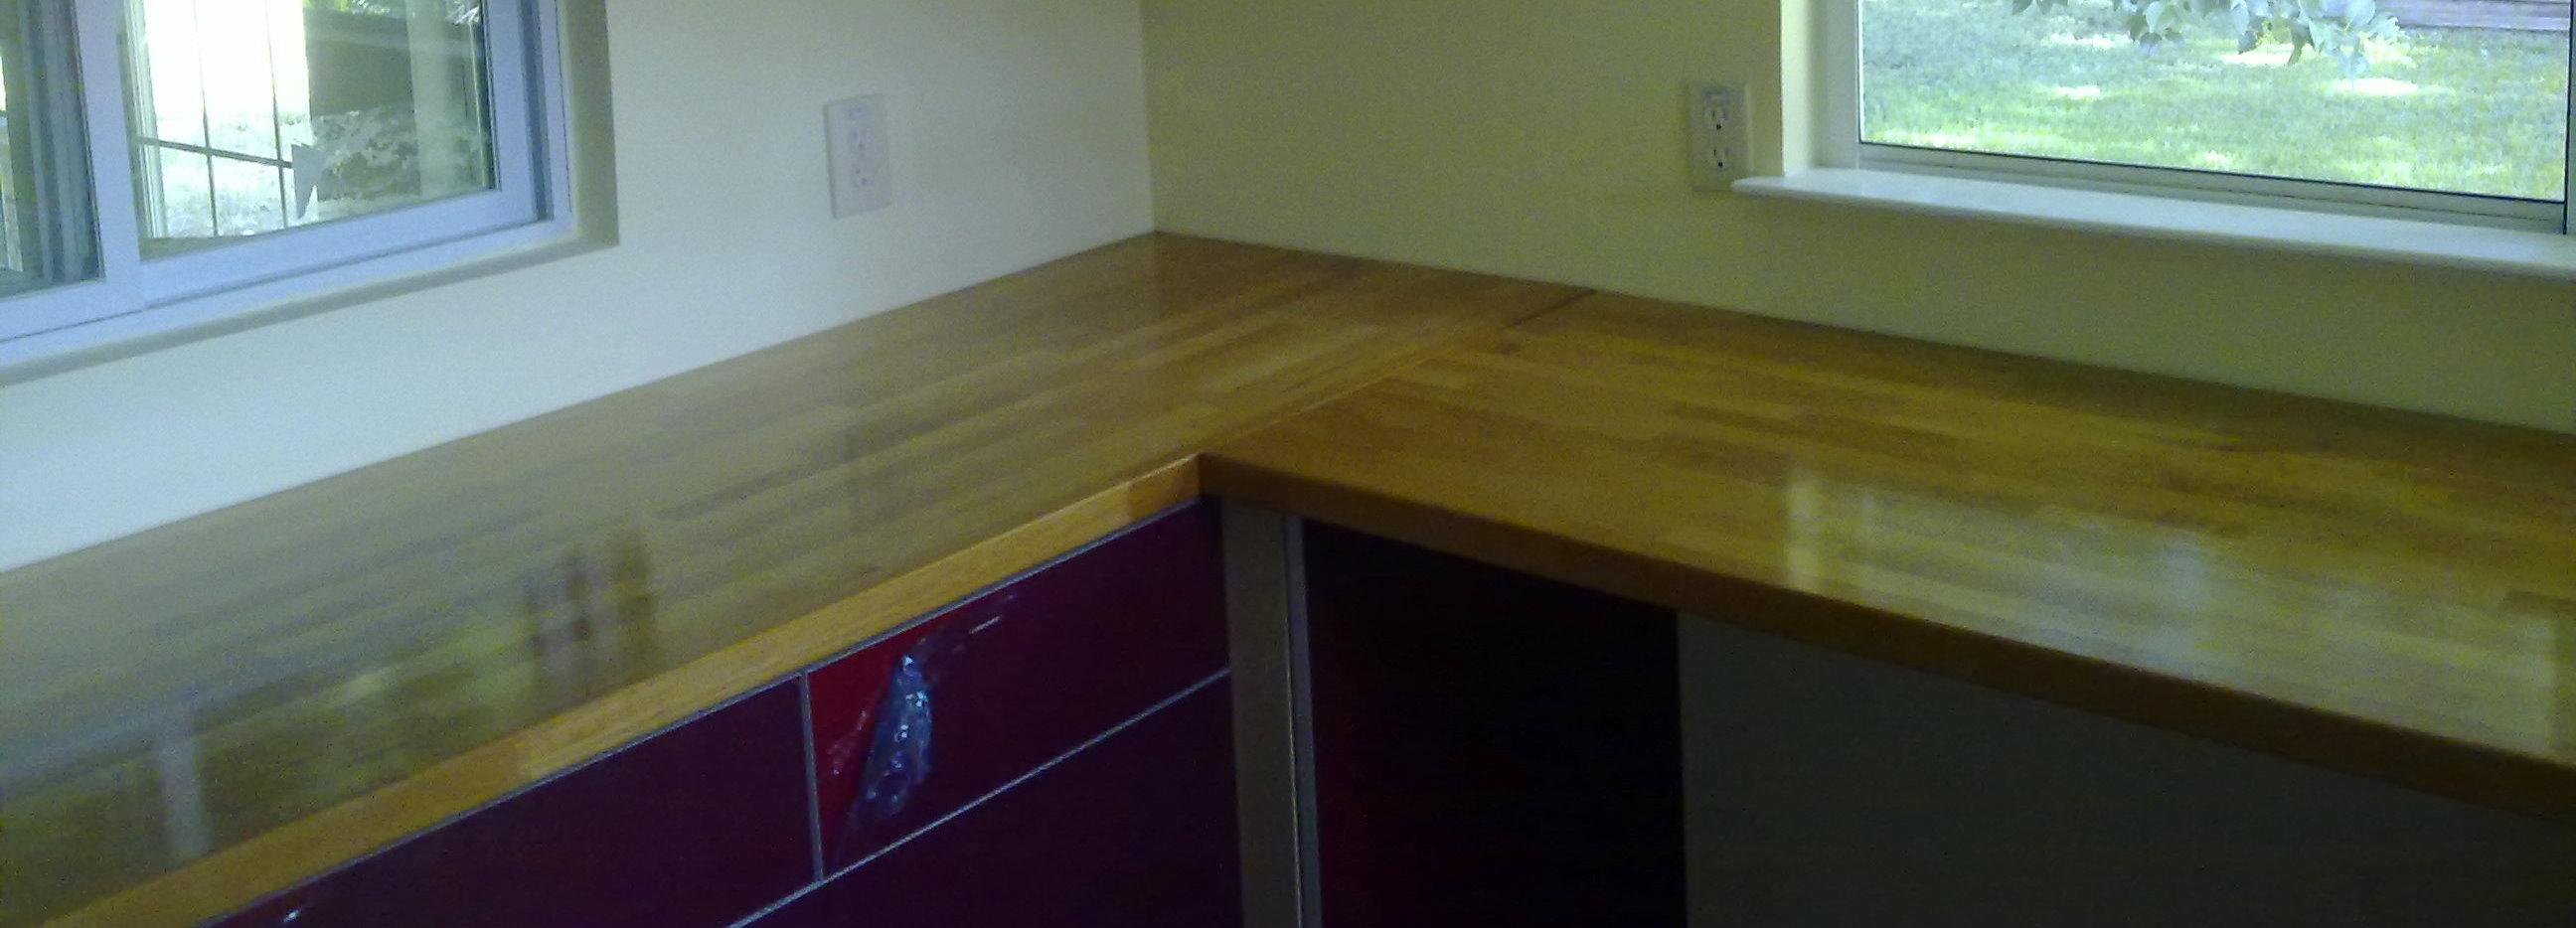 sick my butcher block countertops 2 butcher block kitchen countertops Sick of my butcher block countertops